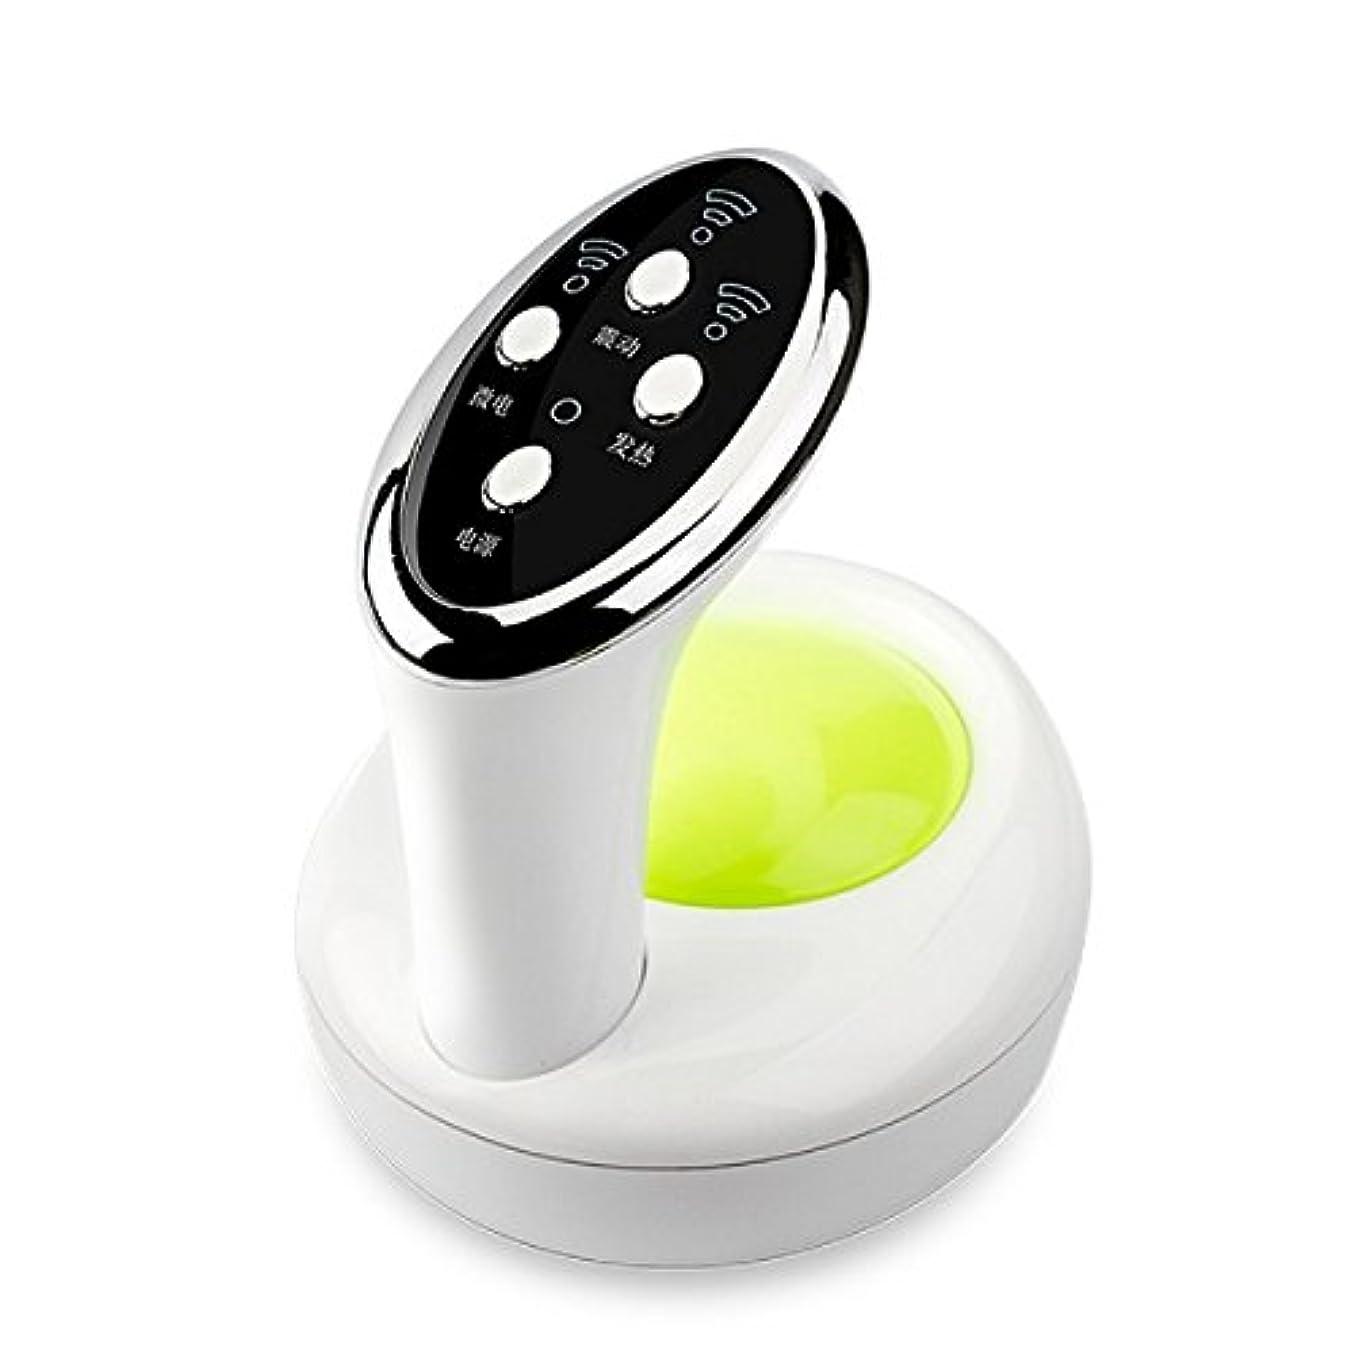 手段絶えず救いダイエット神器 セルライト ケア ボディ用超音波電動3D美容ヘッド 吸い玉ヘッド 脂肪吸引 ダイエット シェイプアップ シェイプ 自宅 美容神器 正規販売(グリ-ン)